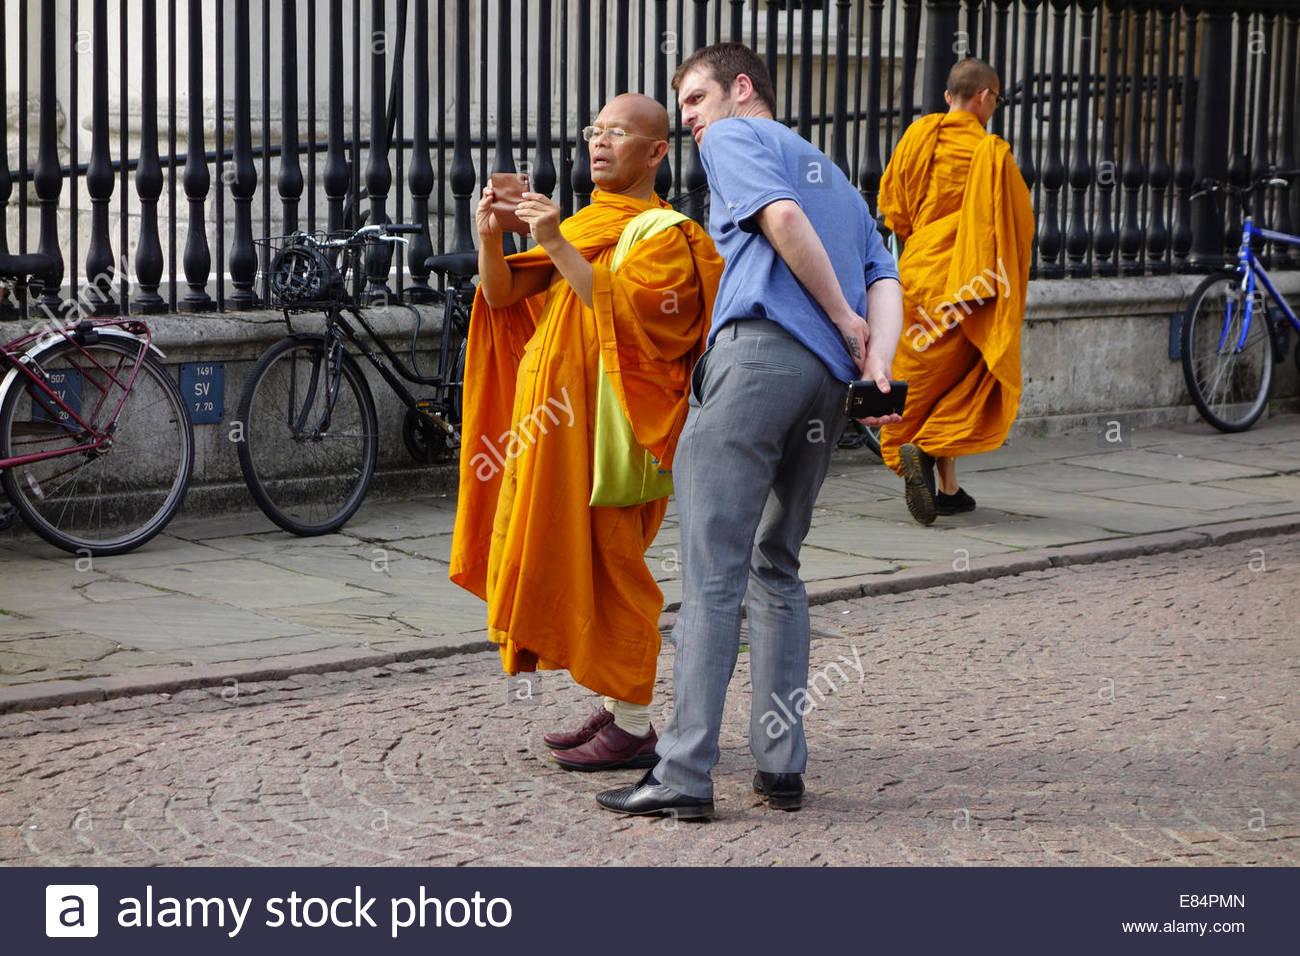 Ein Buddhist sucht Rat über die Verwendung seiner Kamera von einem anderen Touristen auf Kings Parade in Cambridge, Stockbild